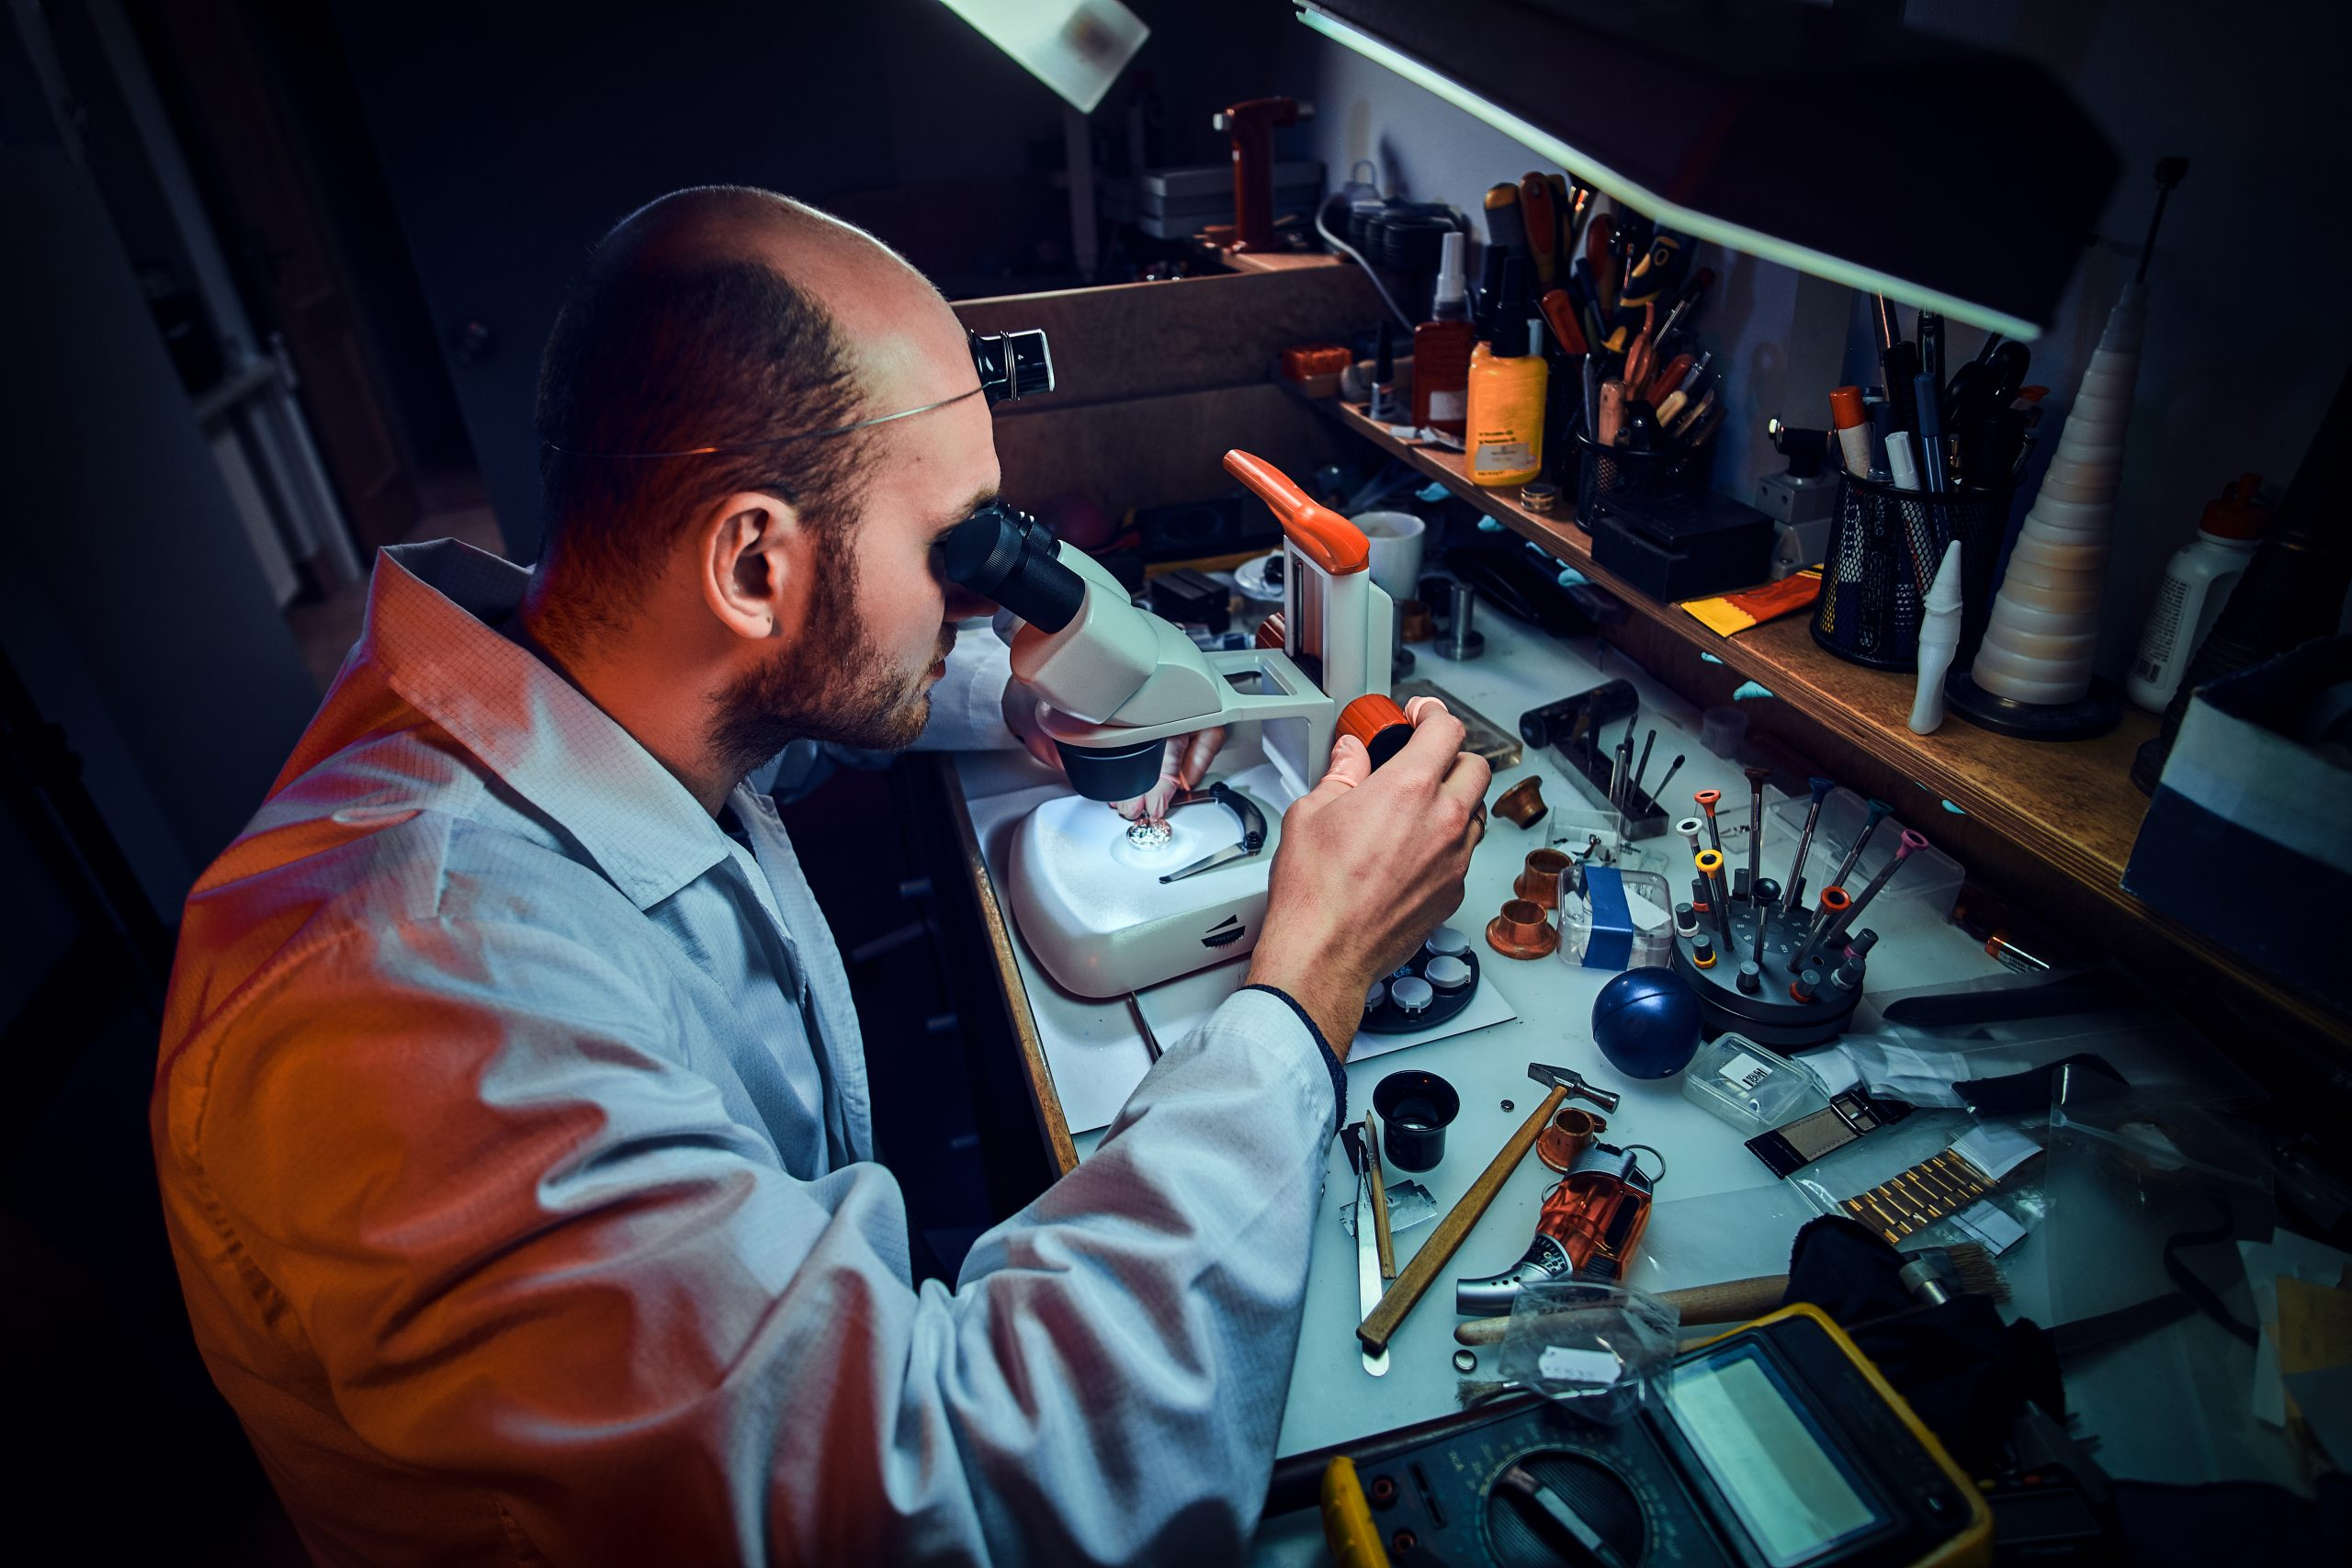 watchmaker repairing watch